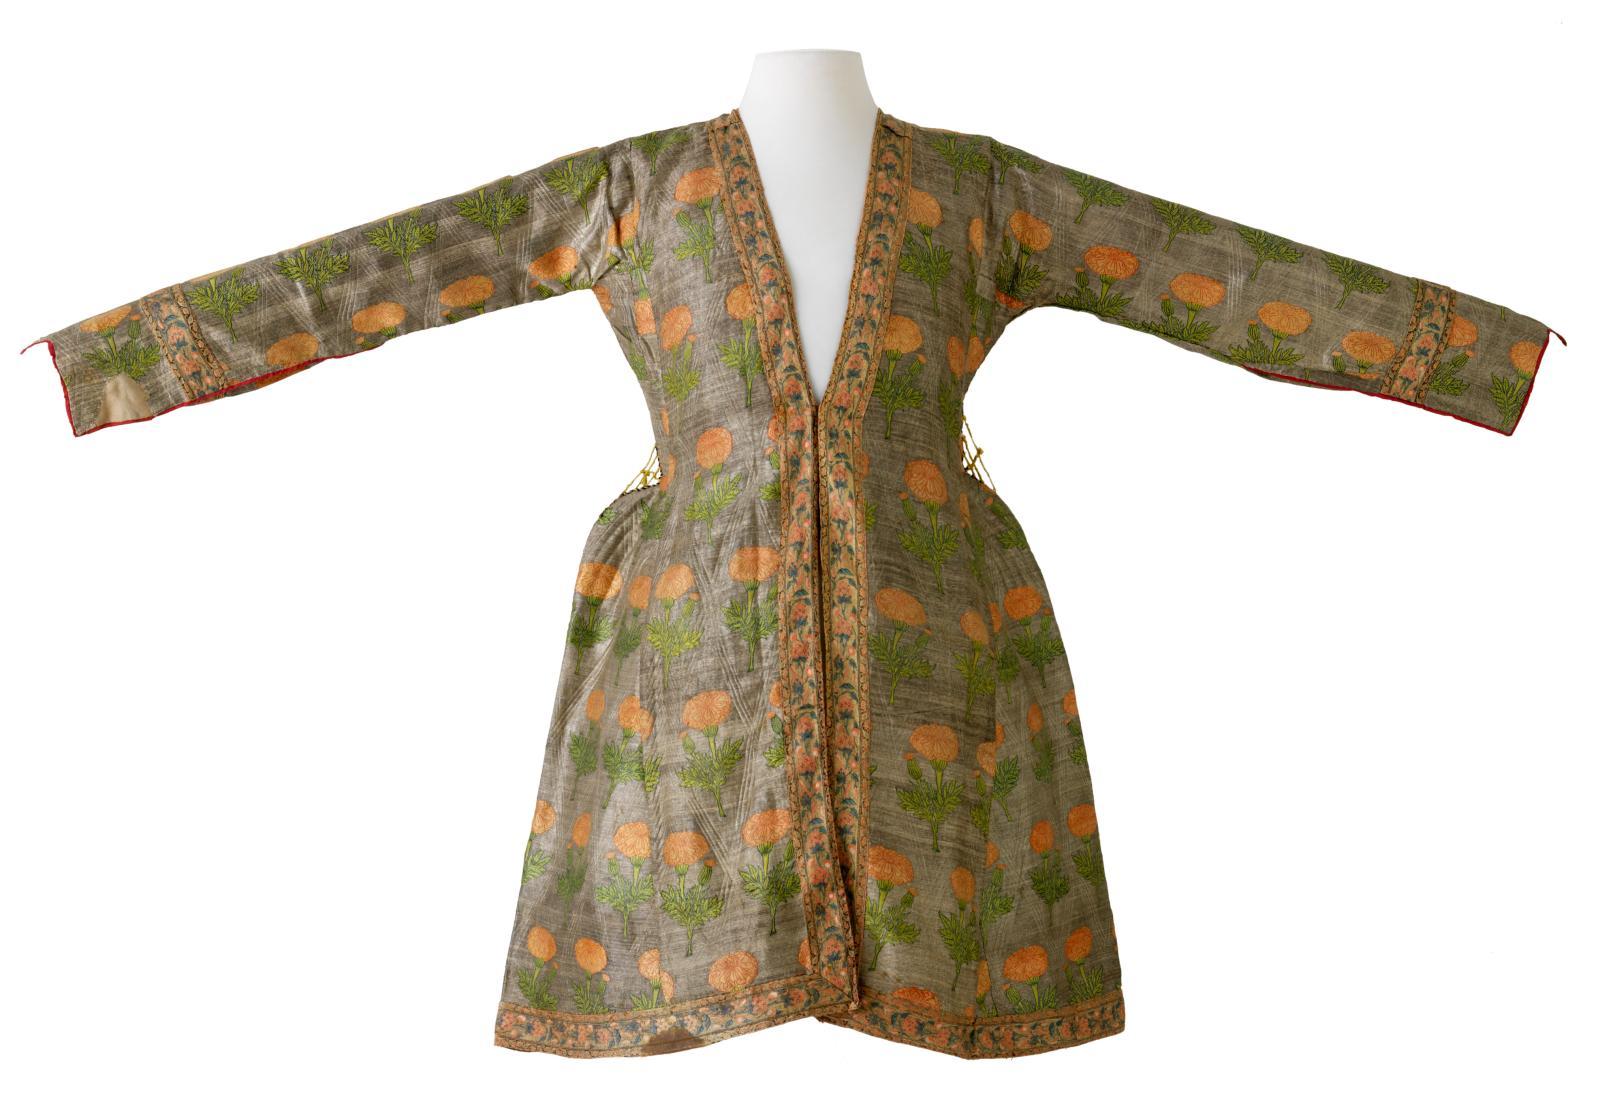 Manteau à décor d'œillets, Iran, milieu du XVIIesiècle (époque safavide), soie.